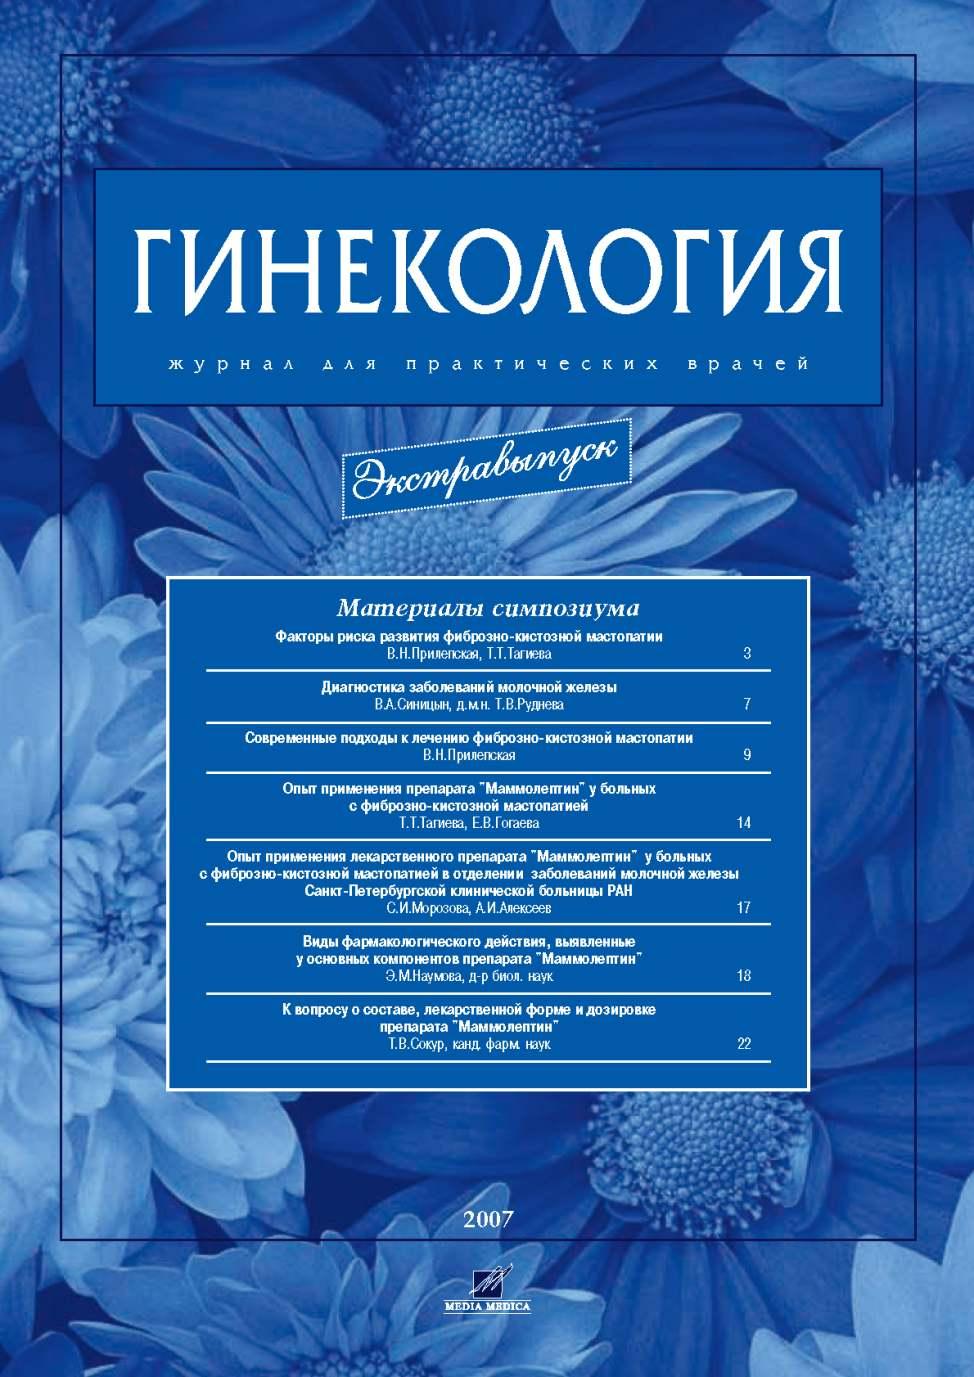 Журнал «Гинекология», экстравыпуск